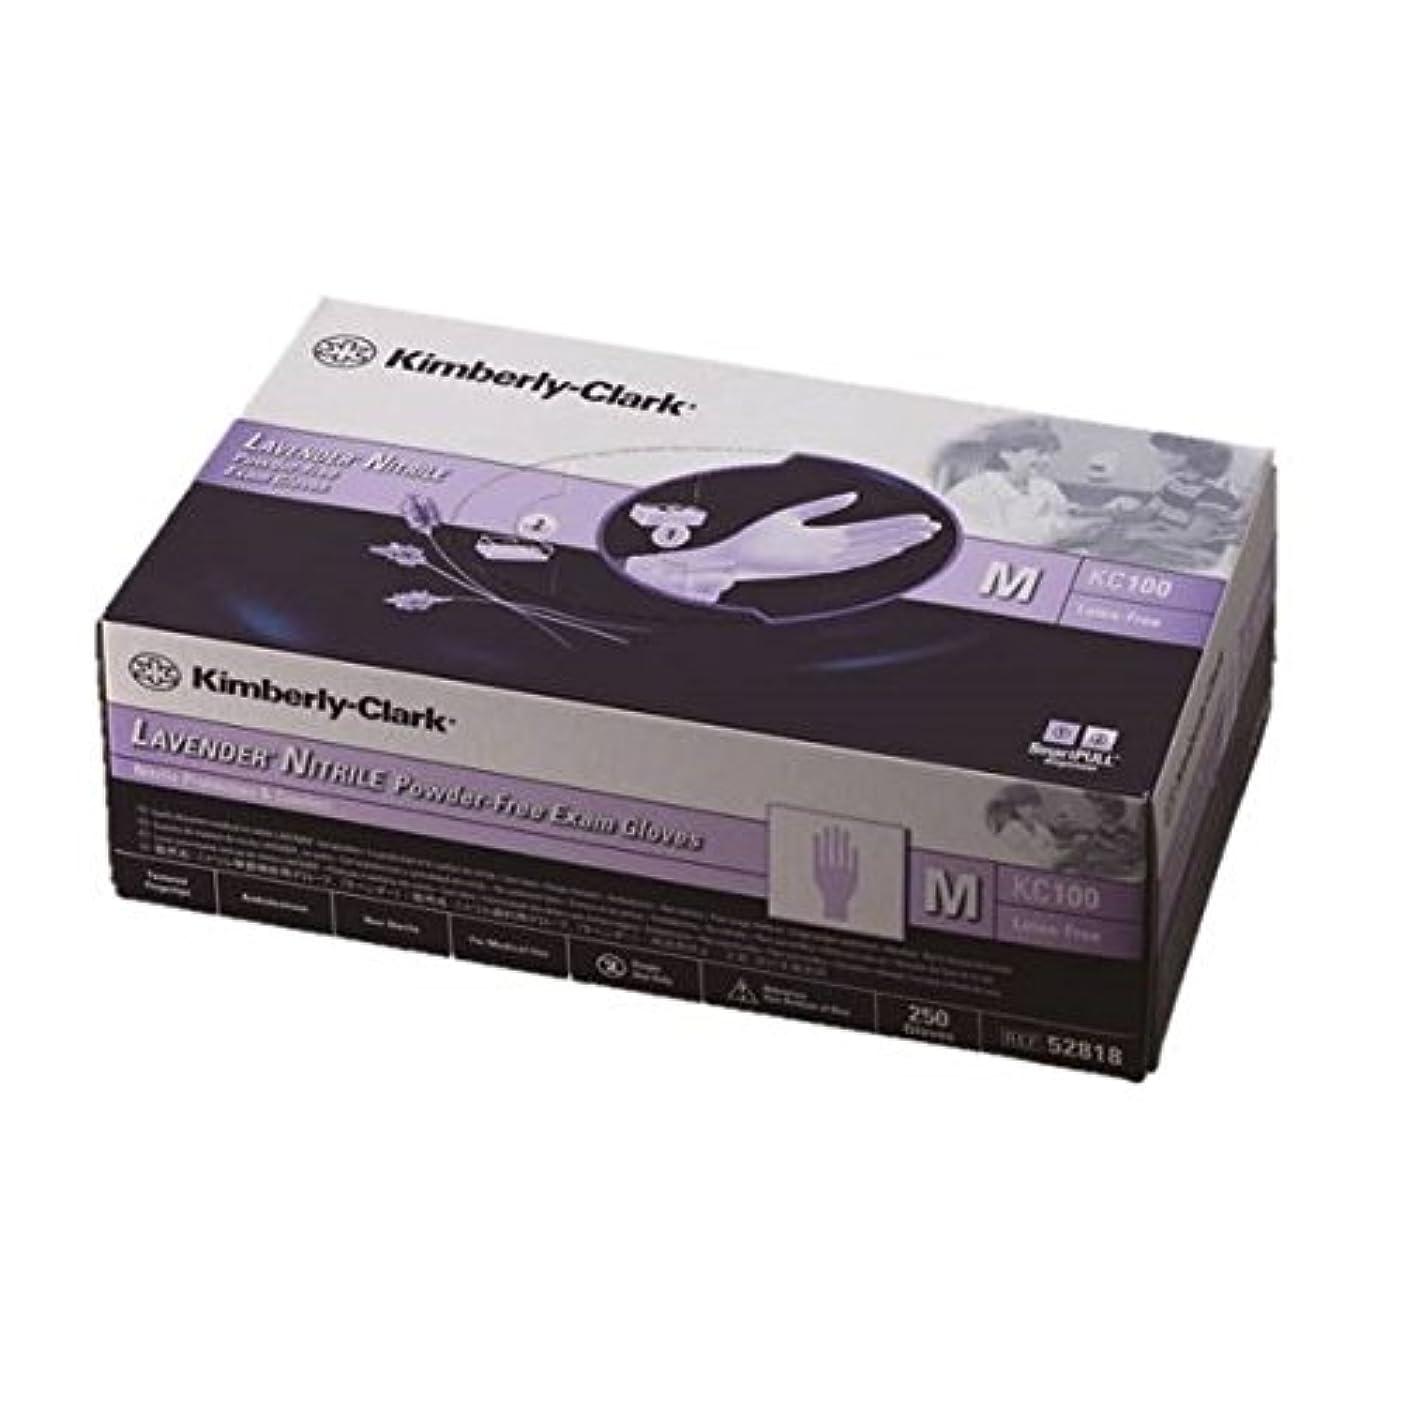 入り口購入誤解させるラベンダー ニトリル グローブ 10 箱